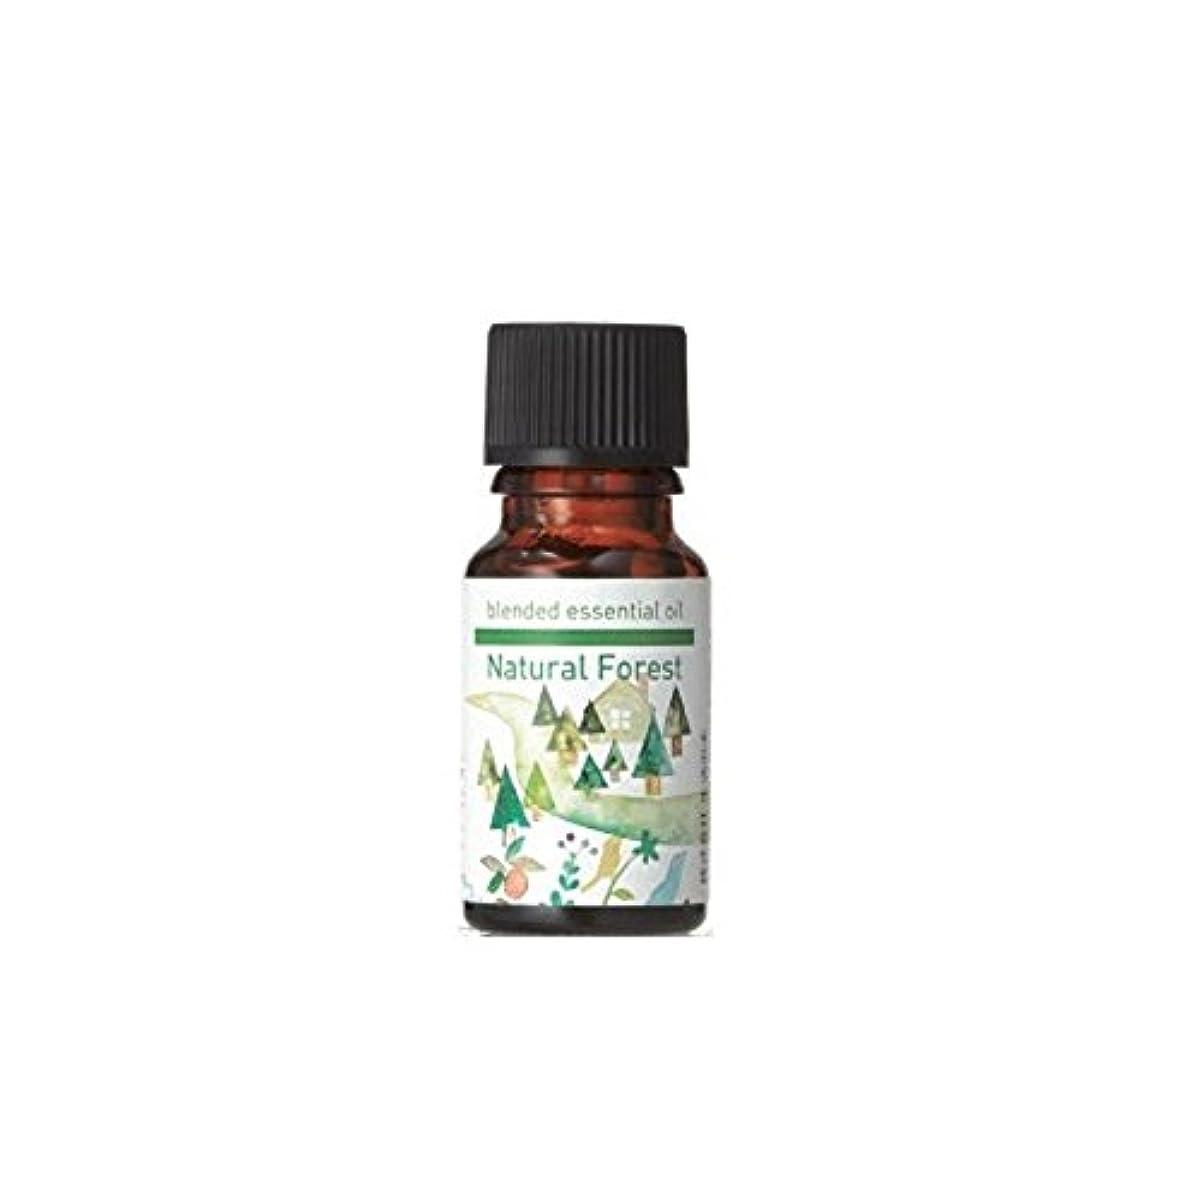 温室波付録生活の木 ブレンドエッセンシャルオイル ナチュラルフォレスト [30ml] エッセンシャルオイル/精油